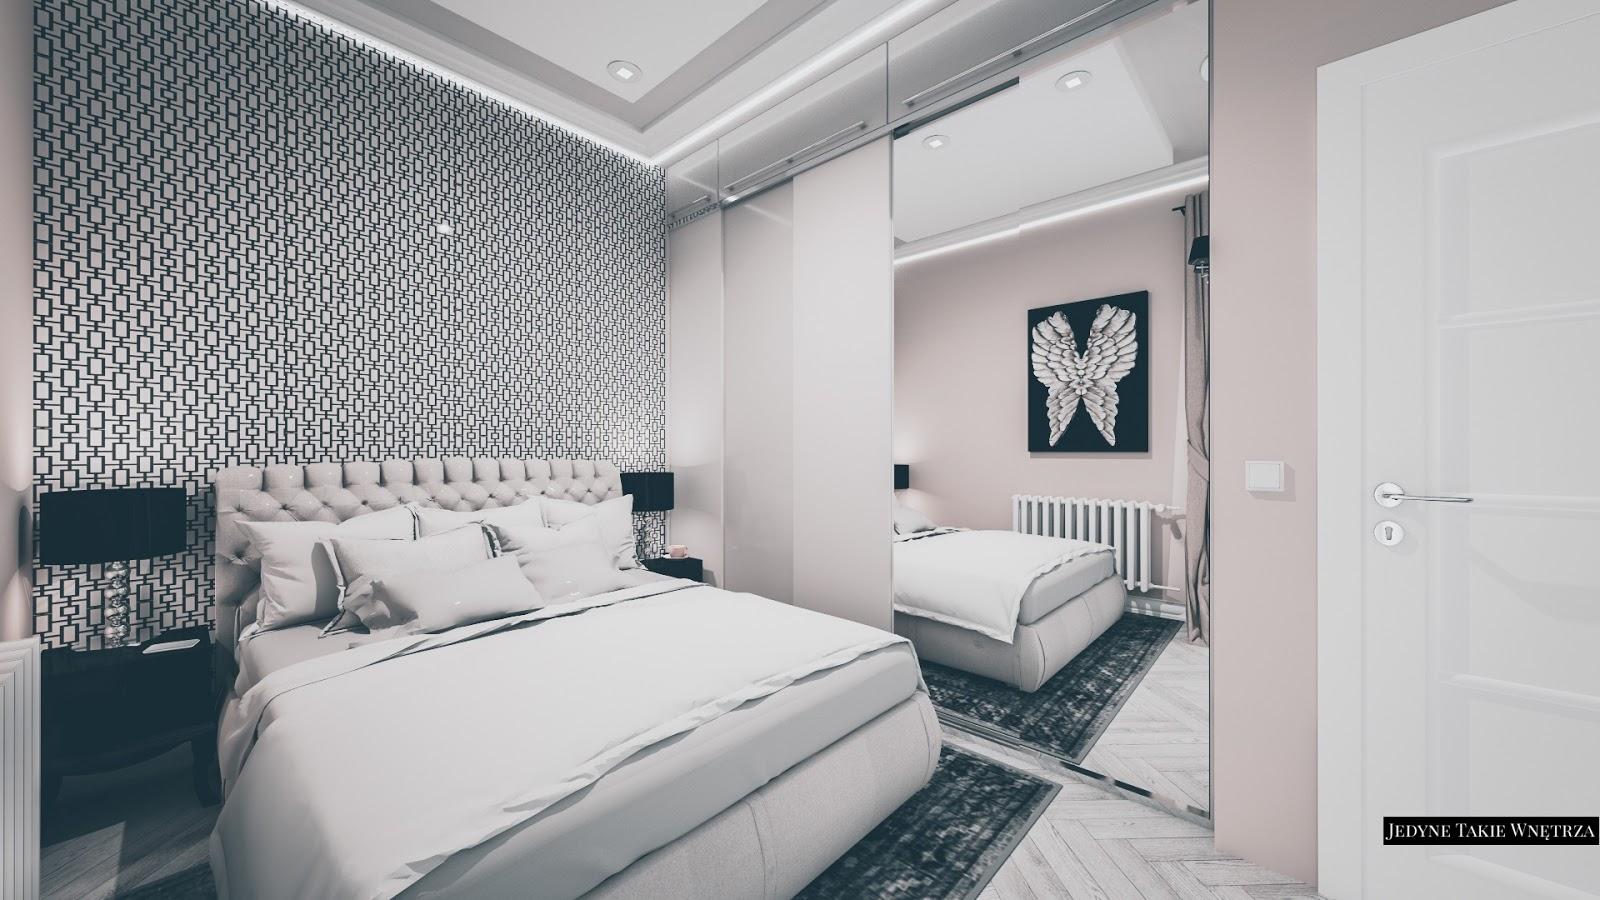 Tapeta w sypialni – pokaże twój styl